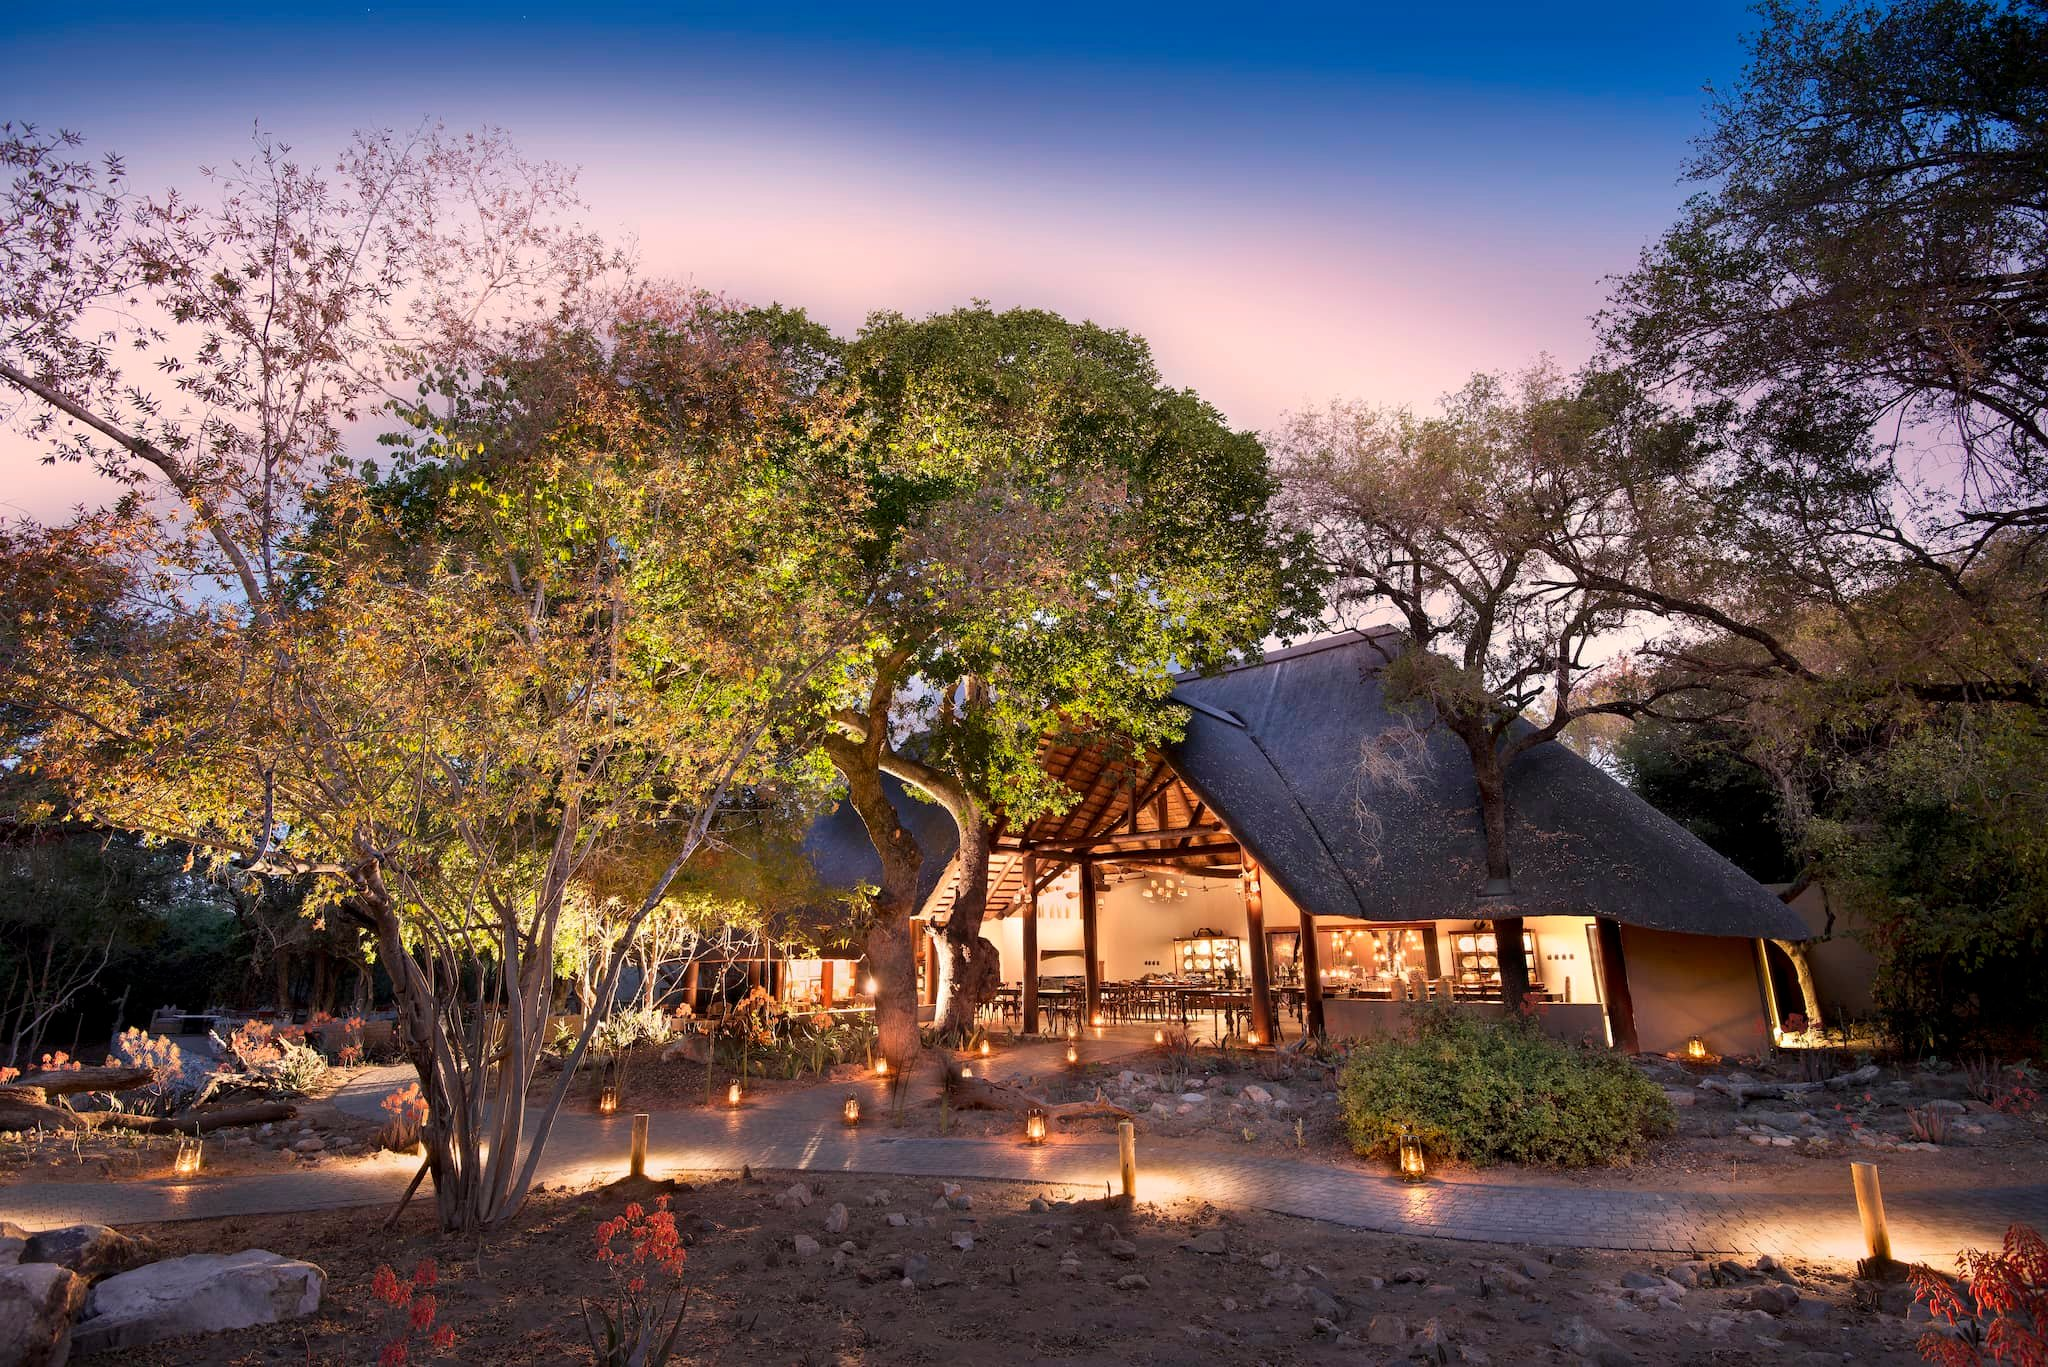 andBeyond-ngala-safari-lodge-exterior-view-01.jpeg